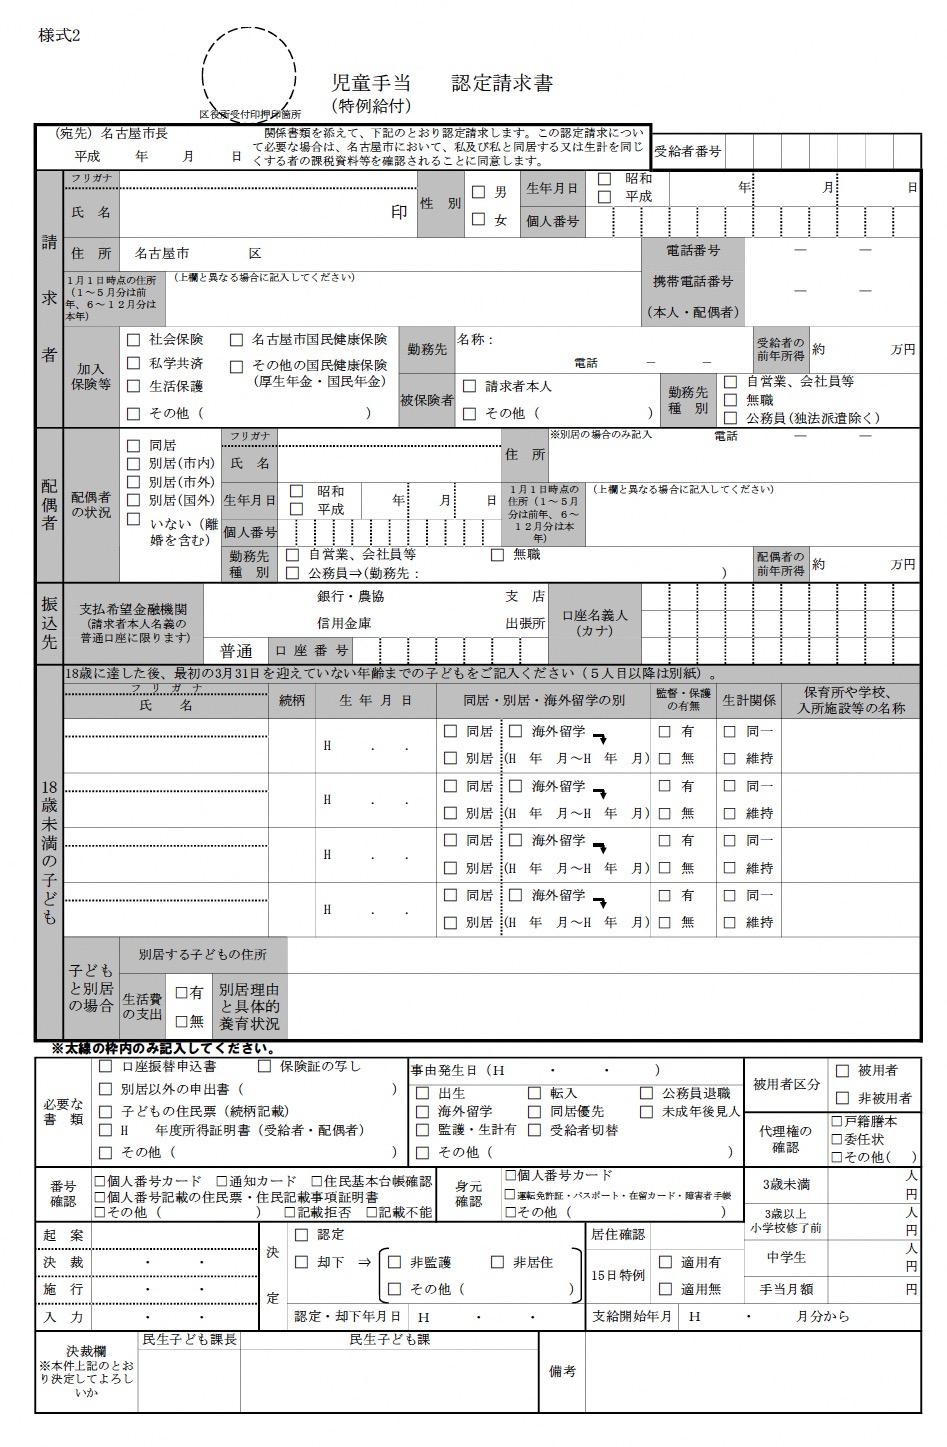 申請書は日本語が正式なものとされており、紙の様式に記入するものとされています。